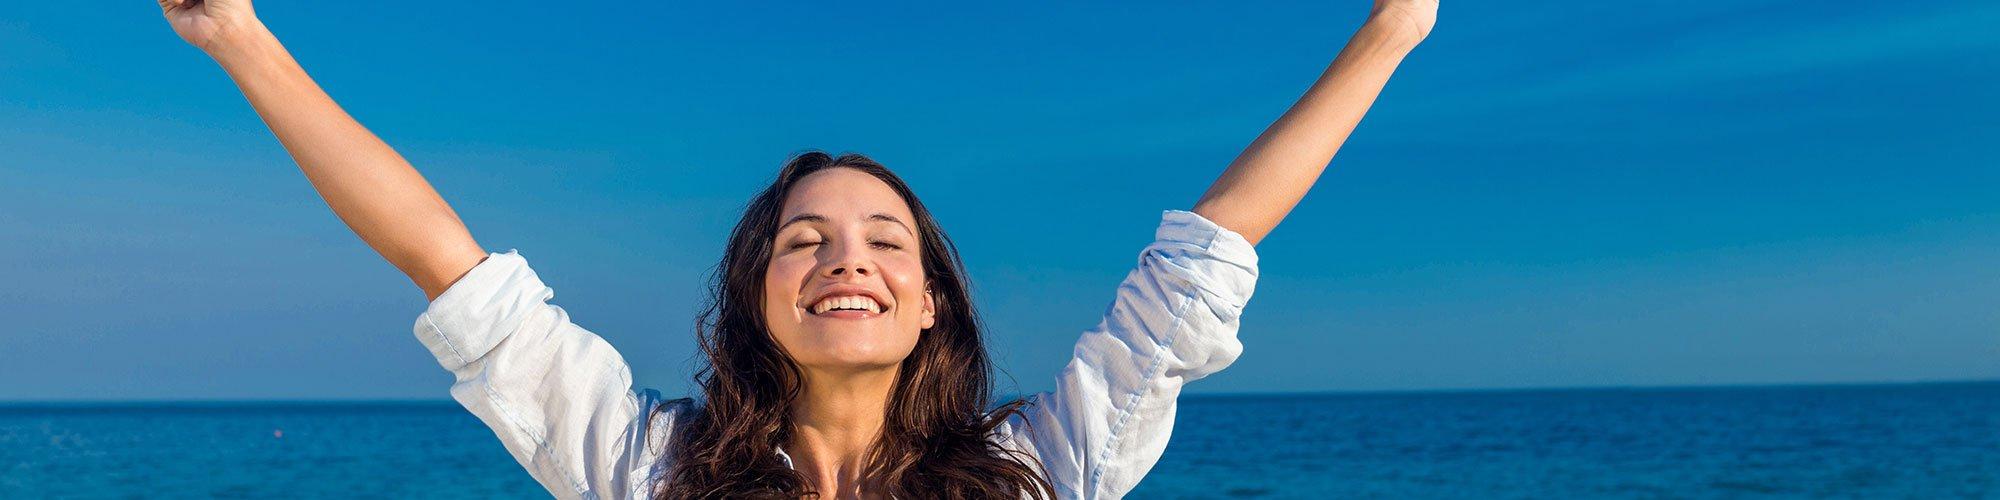 Jonizatori vazduha: Čuvajte svoje zdravlje i svežinu prostorija